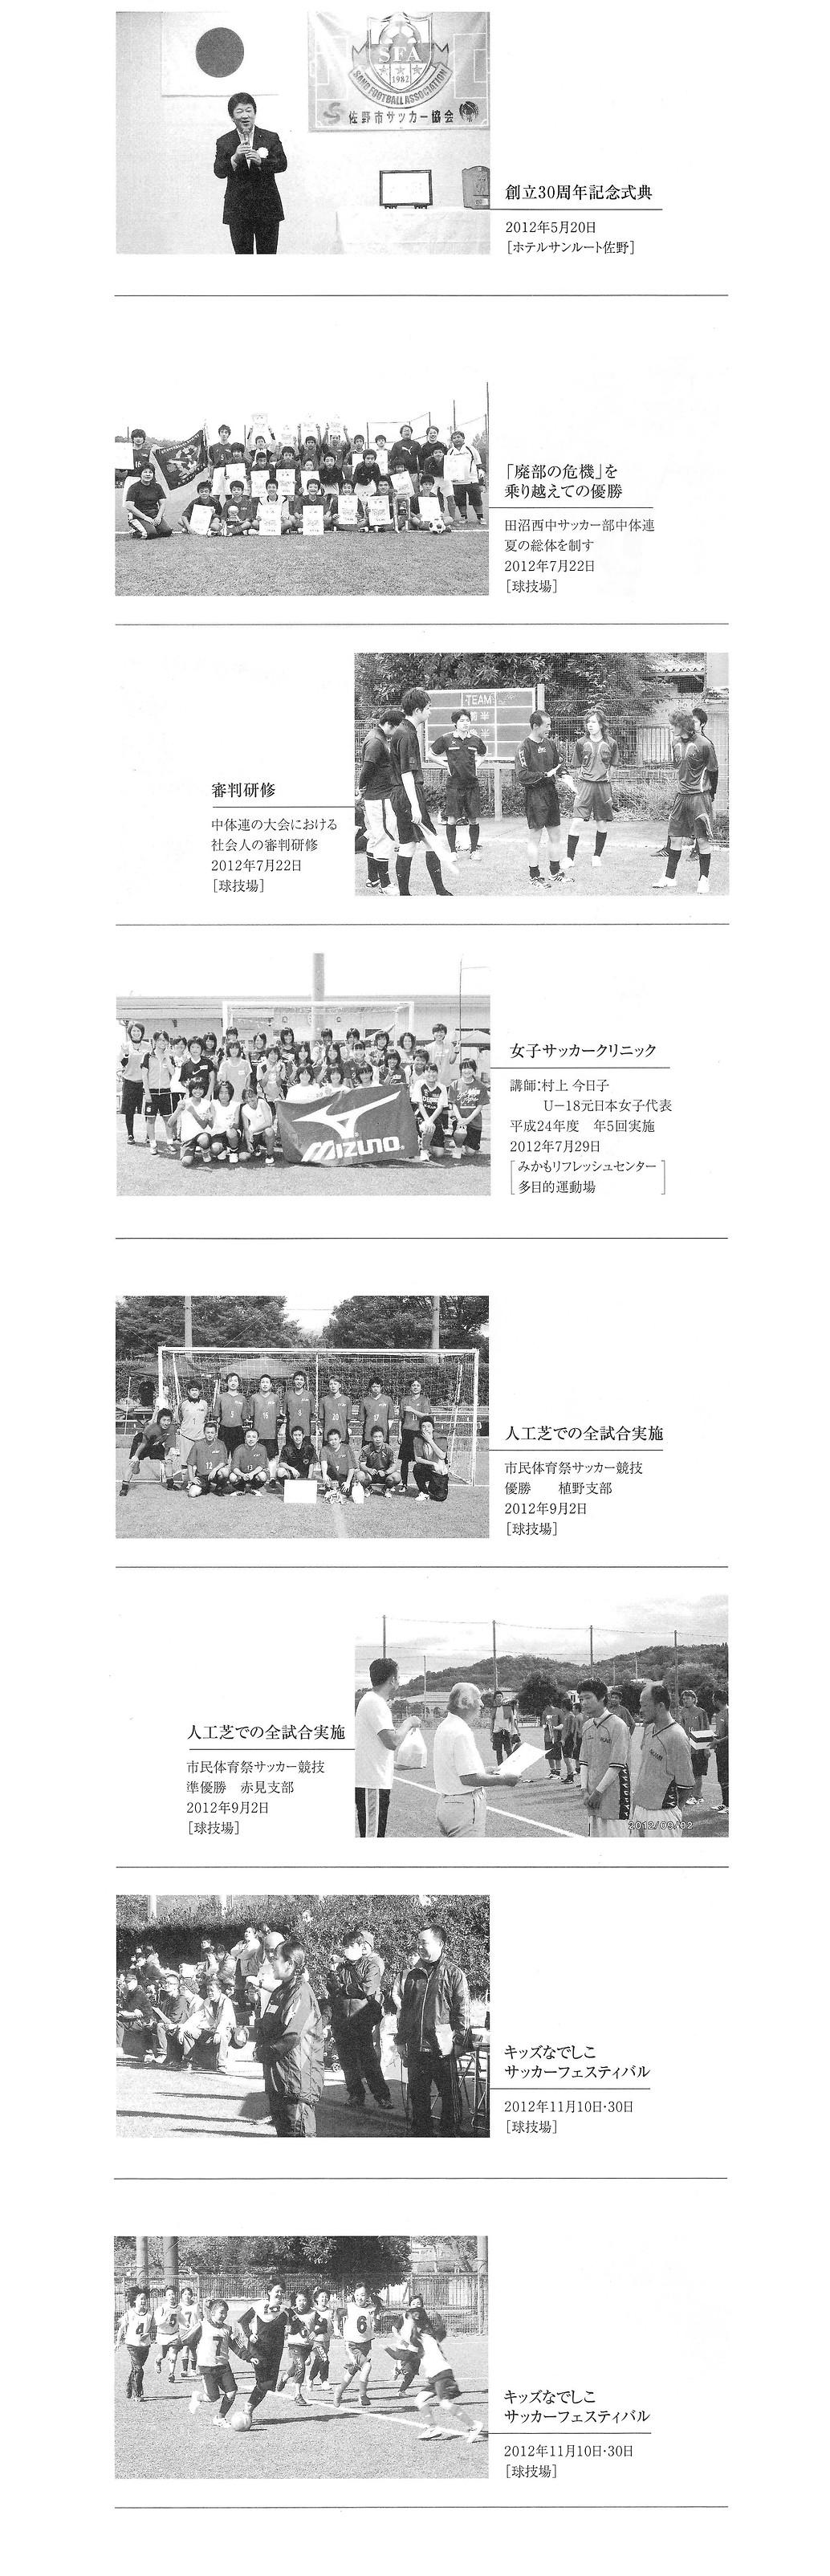 組み合わせ4.jpg